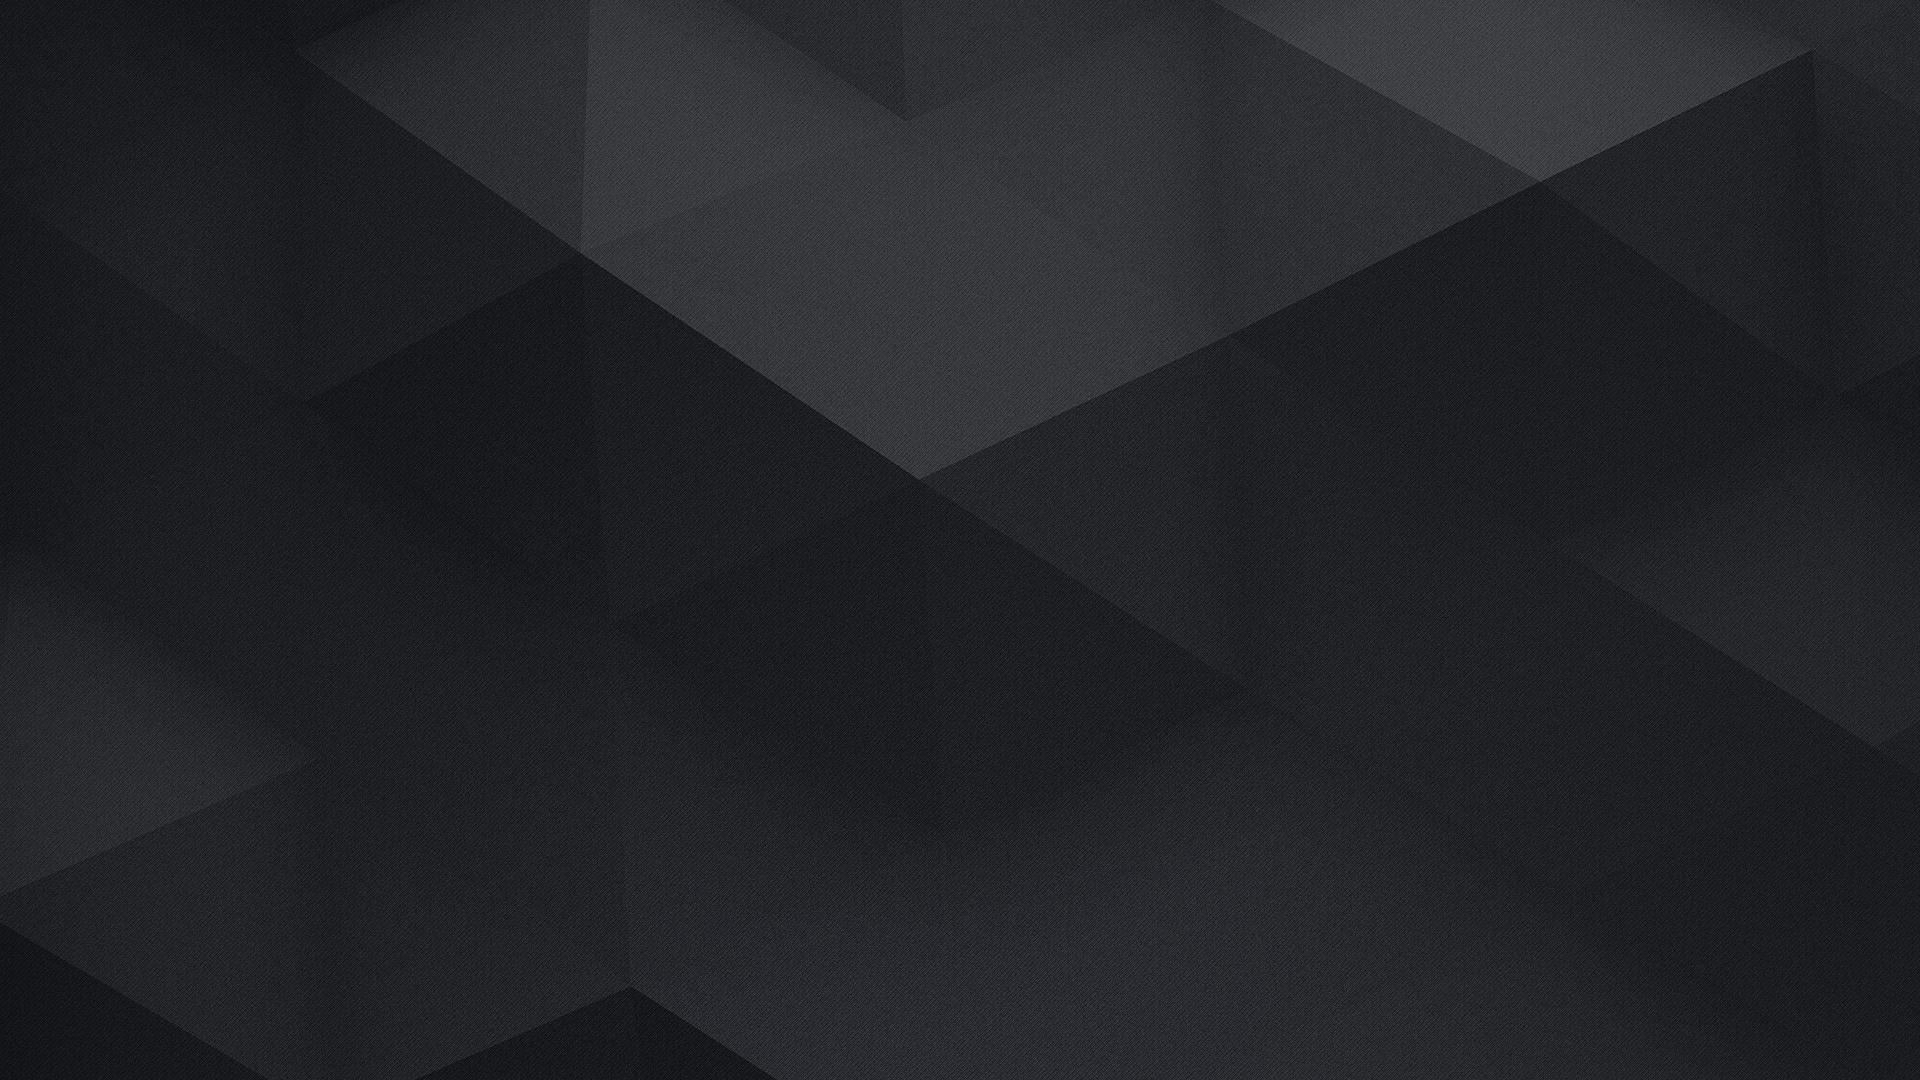 Dark Minimalist HD Wallpaper Download